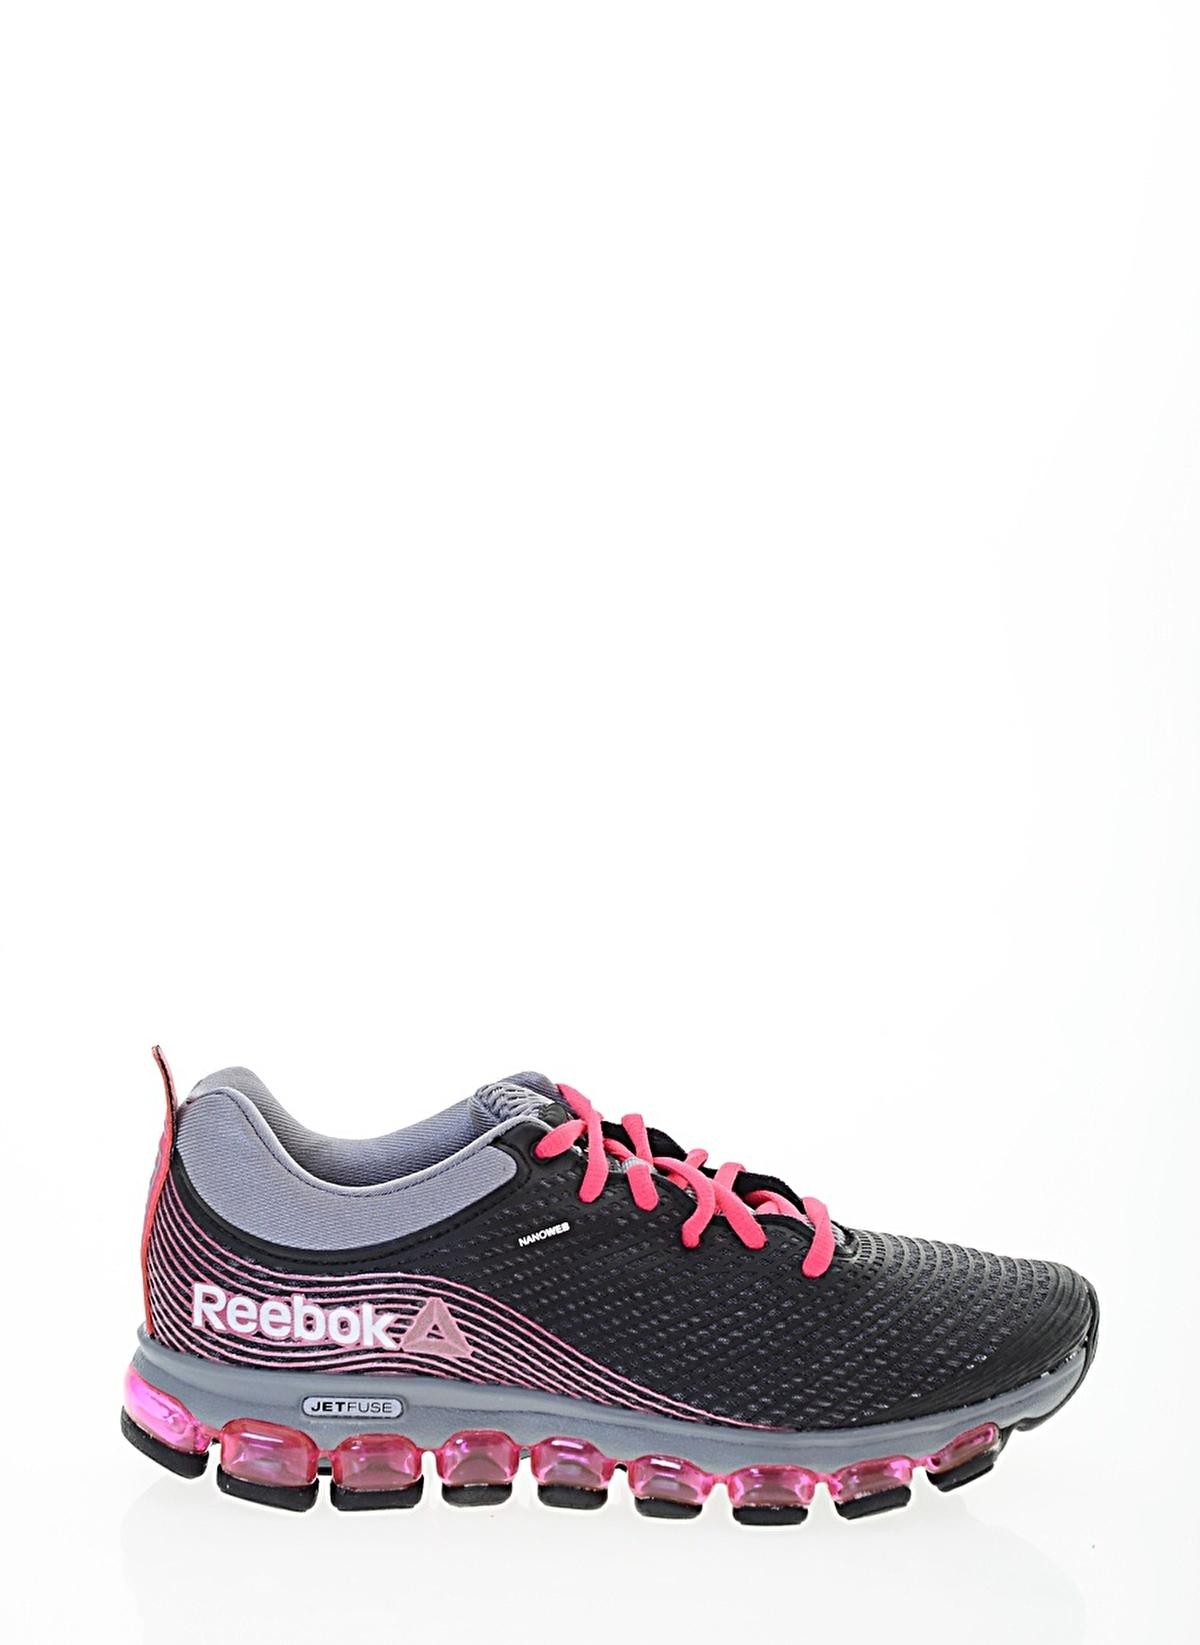 ec10984373ca8c Reebok Jetfuse Run Renkli  Reebok Jetfuse Run Renkli ...